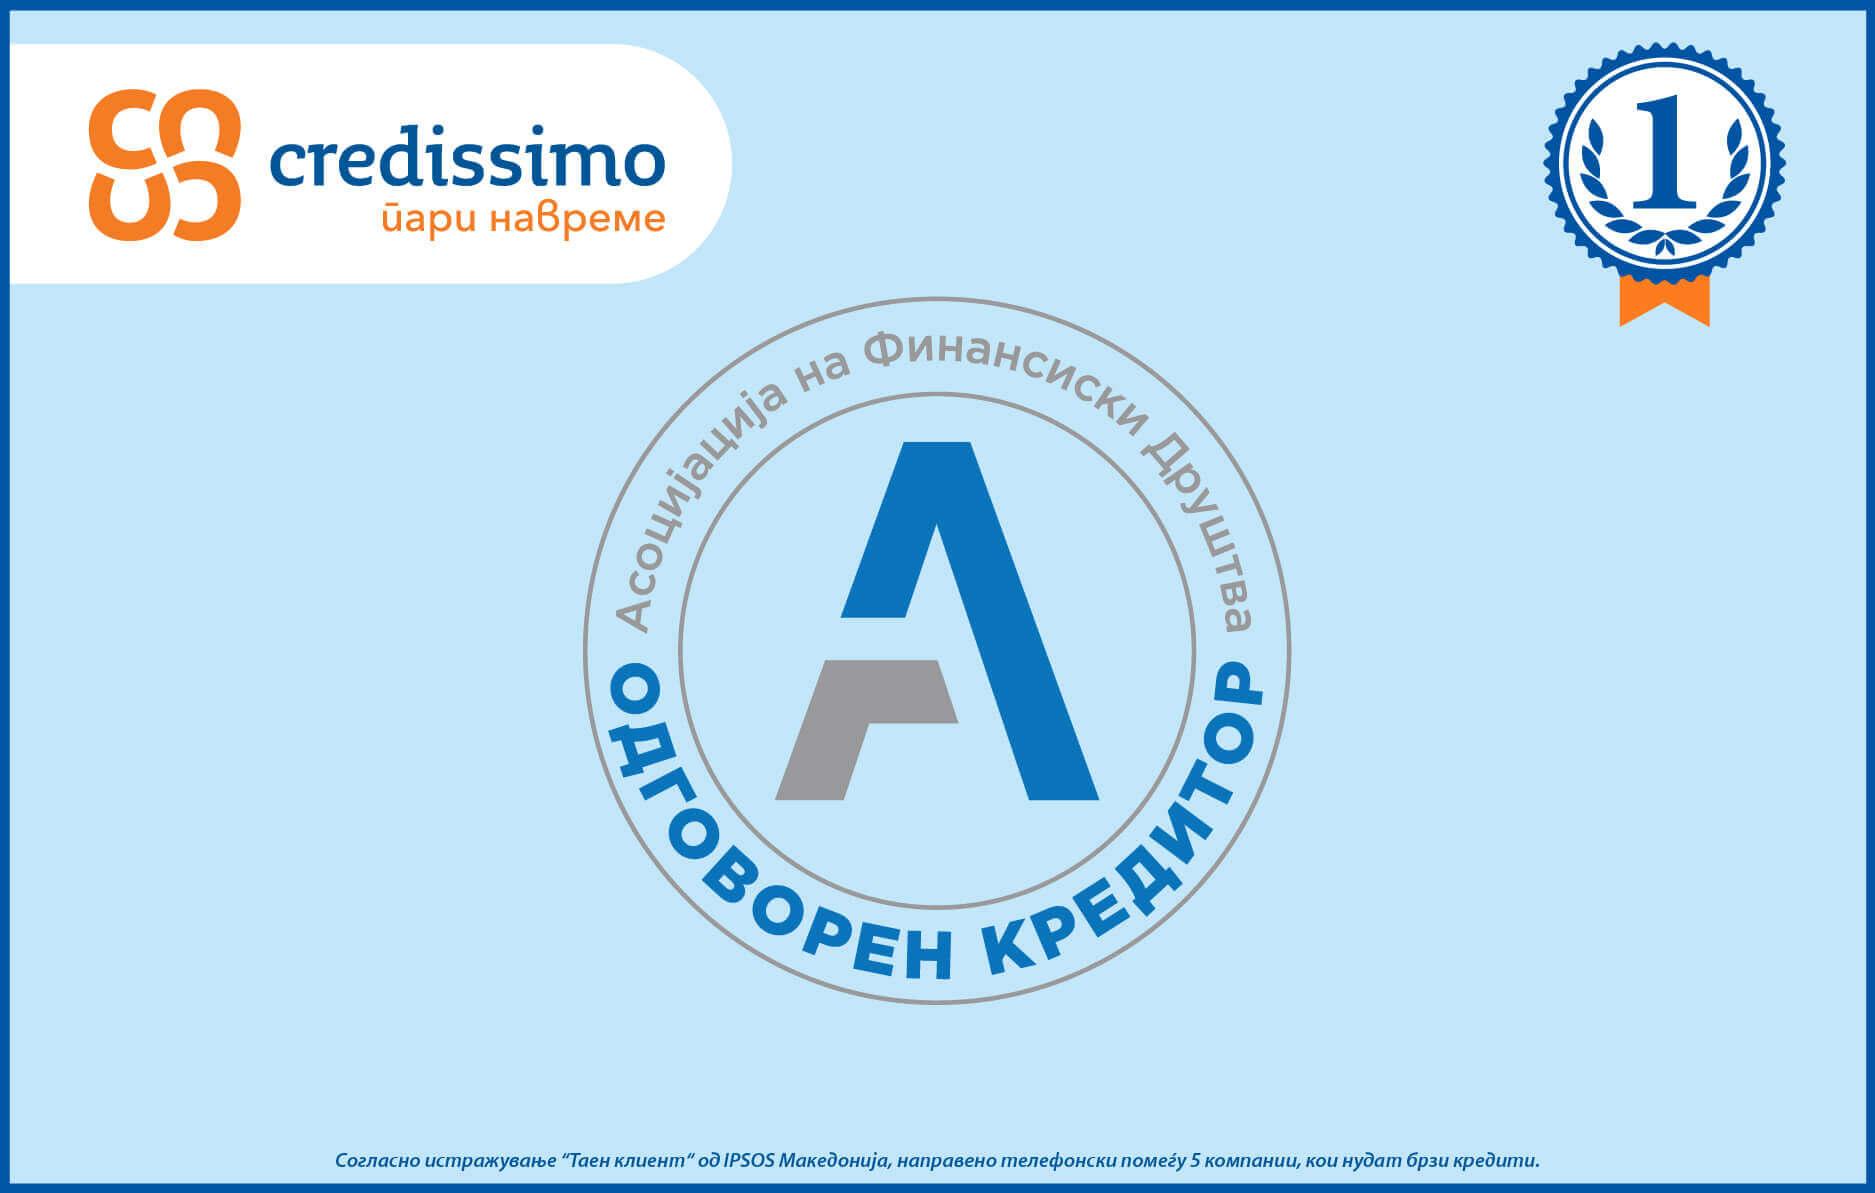 Credissimo е официјален член на Асоцијацијата на Финансиски Институции